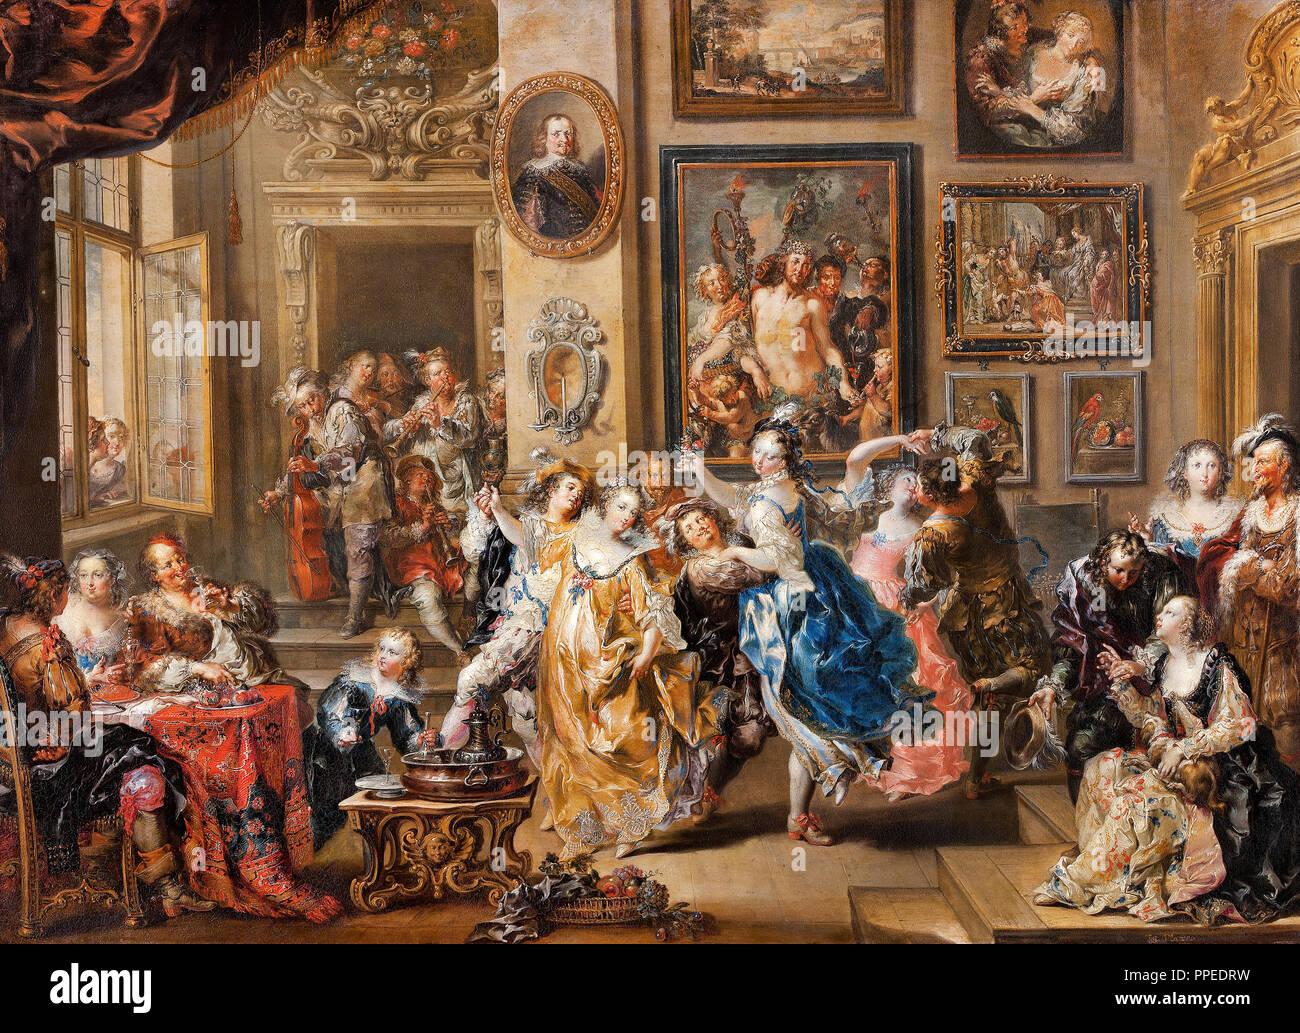 Johann Georg Platzer - scène de danse avec l'intérieur du palais. Circa 1730-1735. Huile sur cuivre. Skokloster Castle, Habo, Suède. Photo Stock